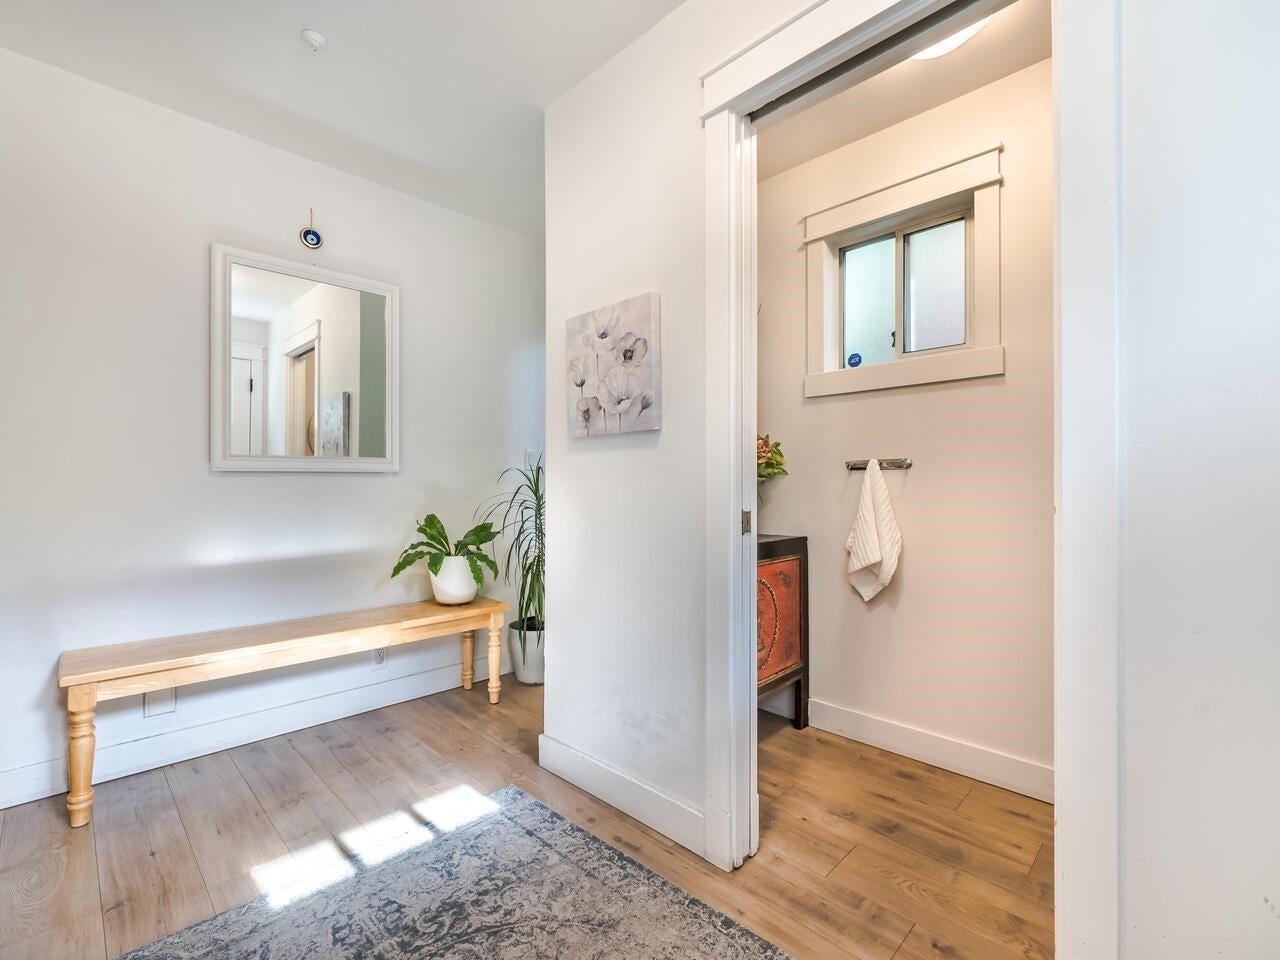 1231 E 11TH AVENUE - Mount Pleasant VE 1/2 Duplex for sale, 3 Bedrooms (R2625828) - #8